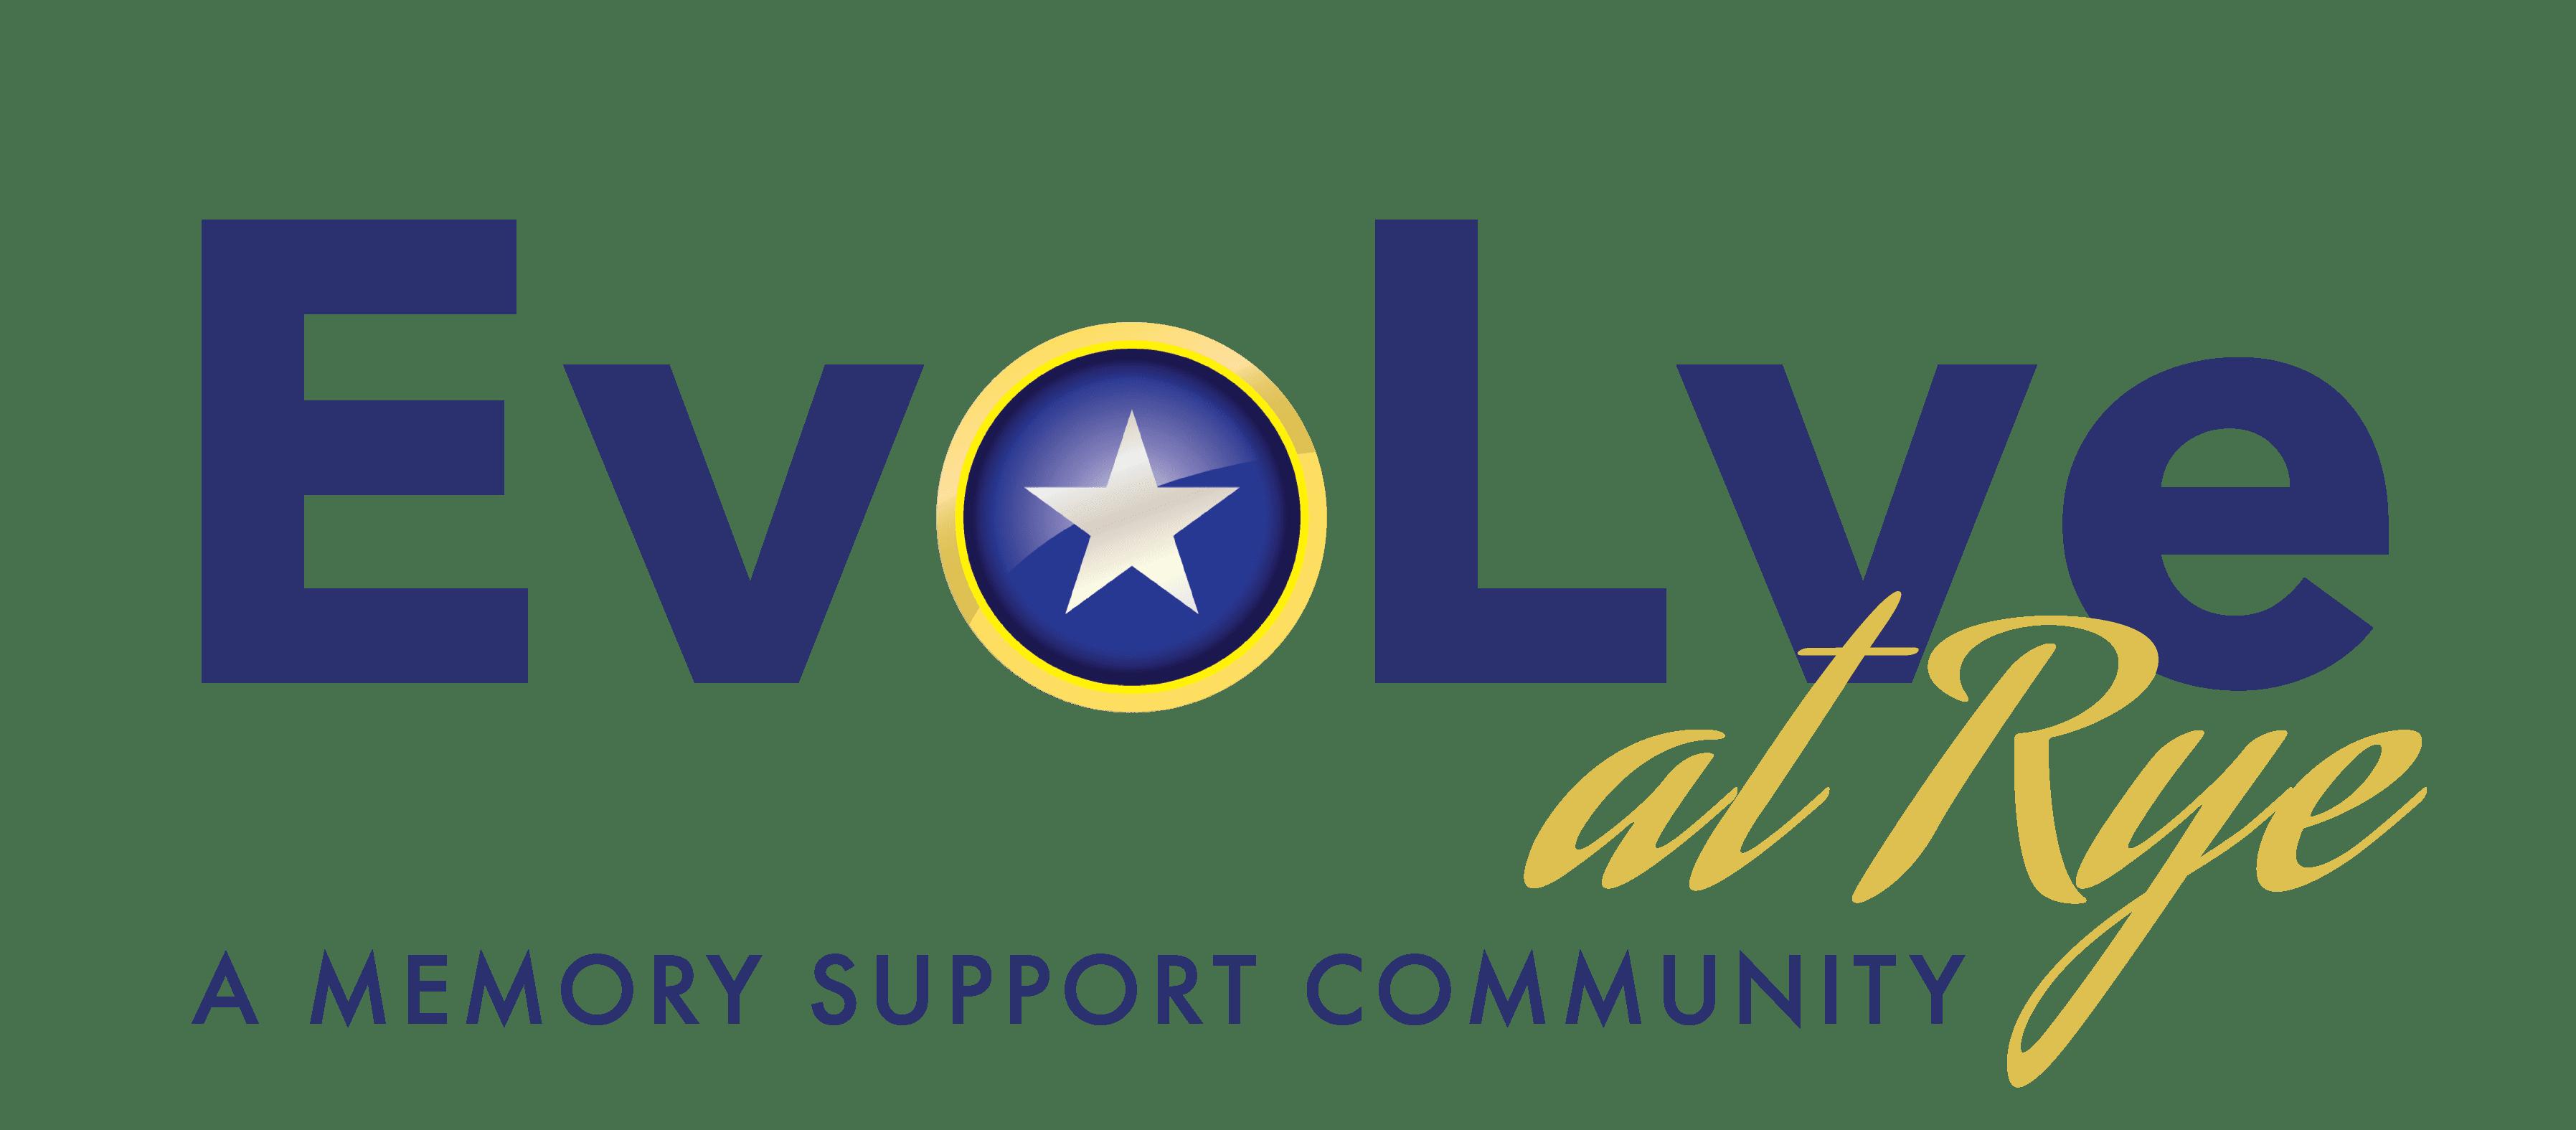 Evolve at Rye Logo